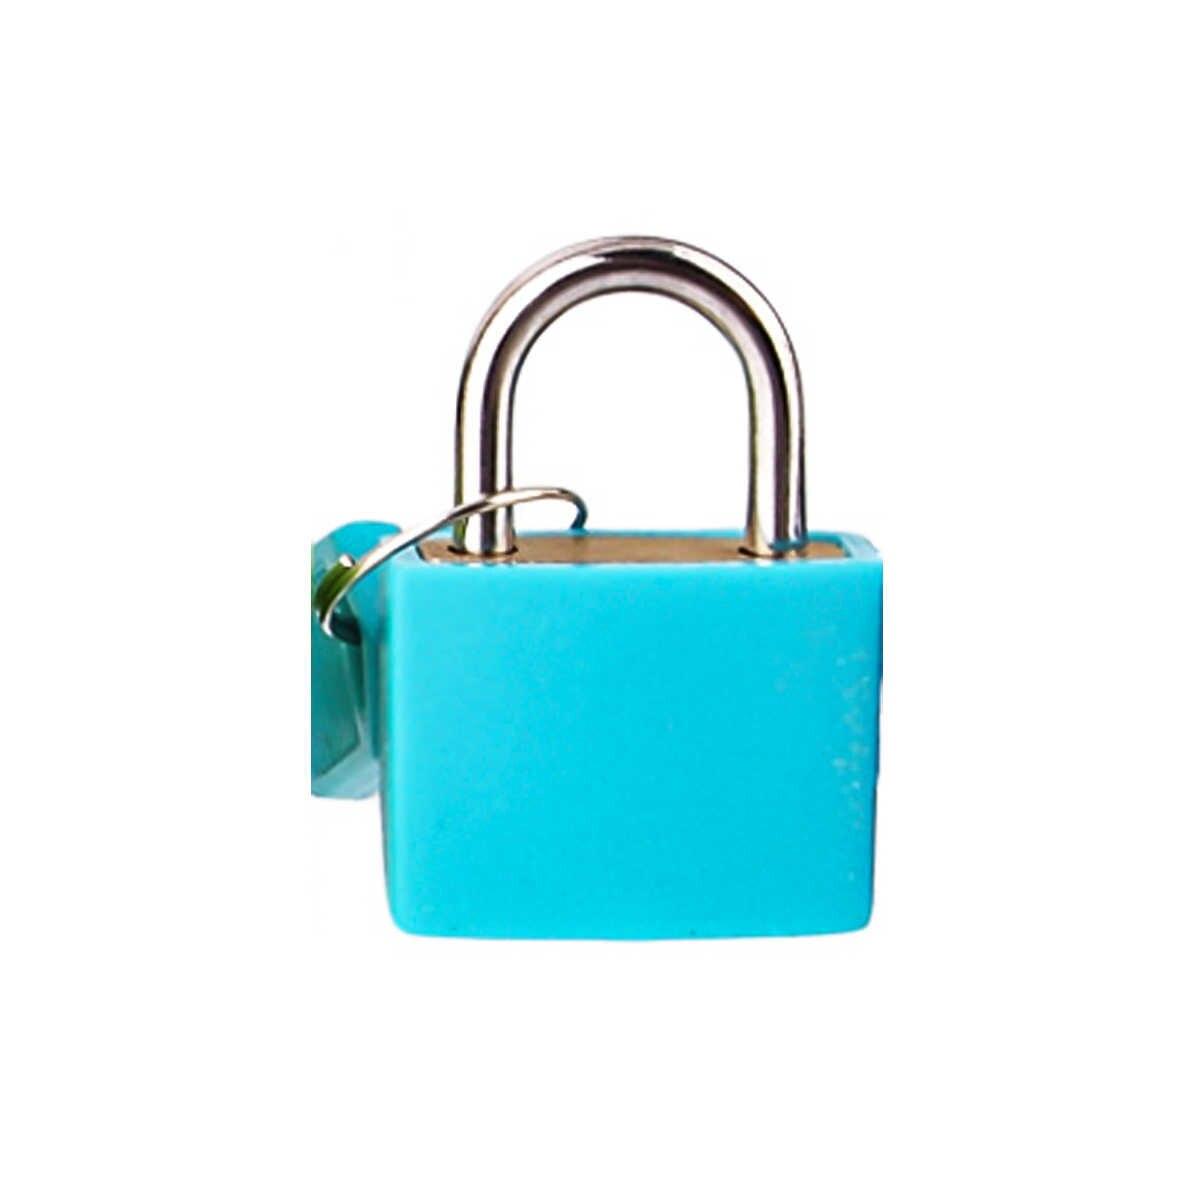 1 قطعة 32*23 مللي متر 8 ألوان مصغرة صغيرة قفل سفر حقيبة الأمتعة حقيبة قفل الأقفال مع 2 مفاتيح أفضل سعر